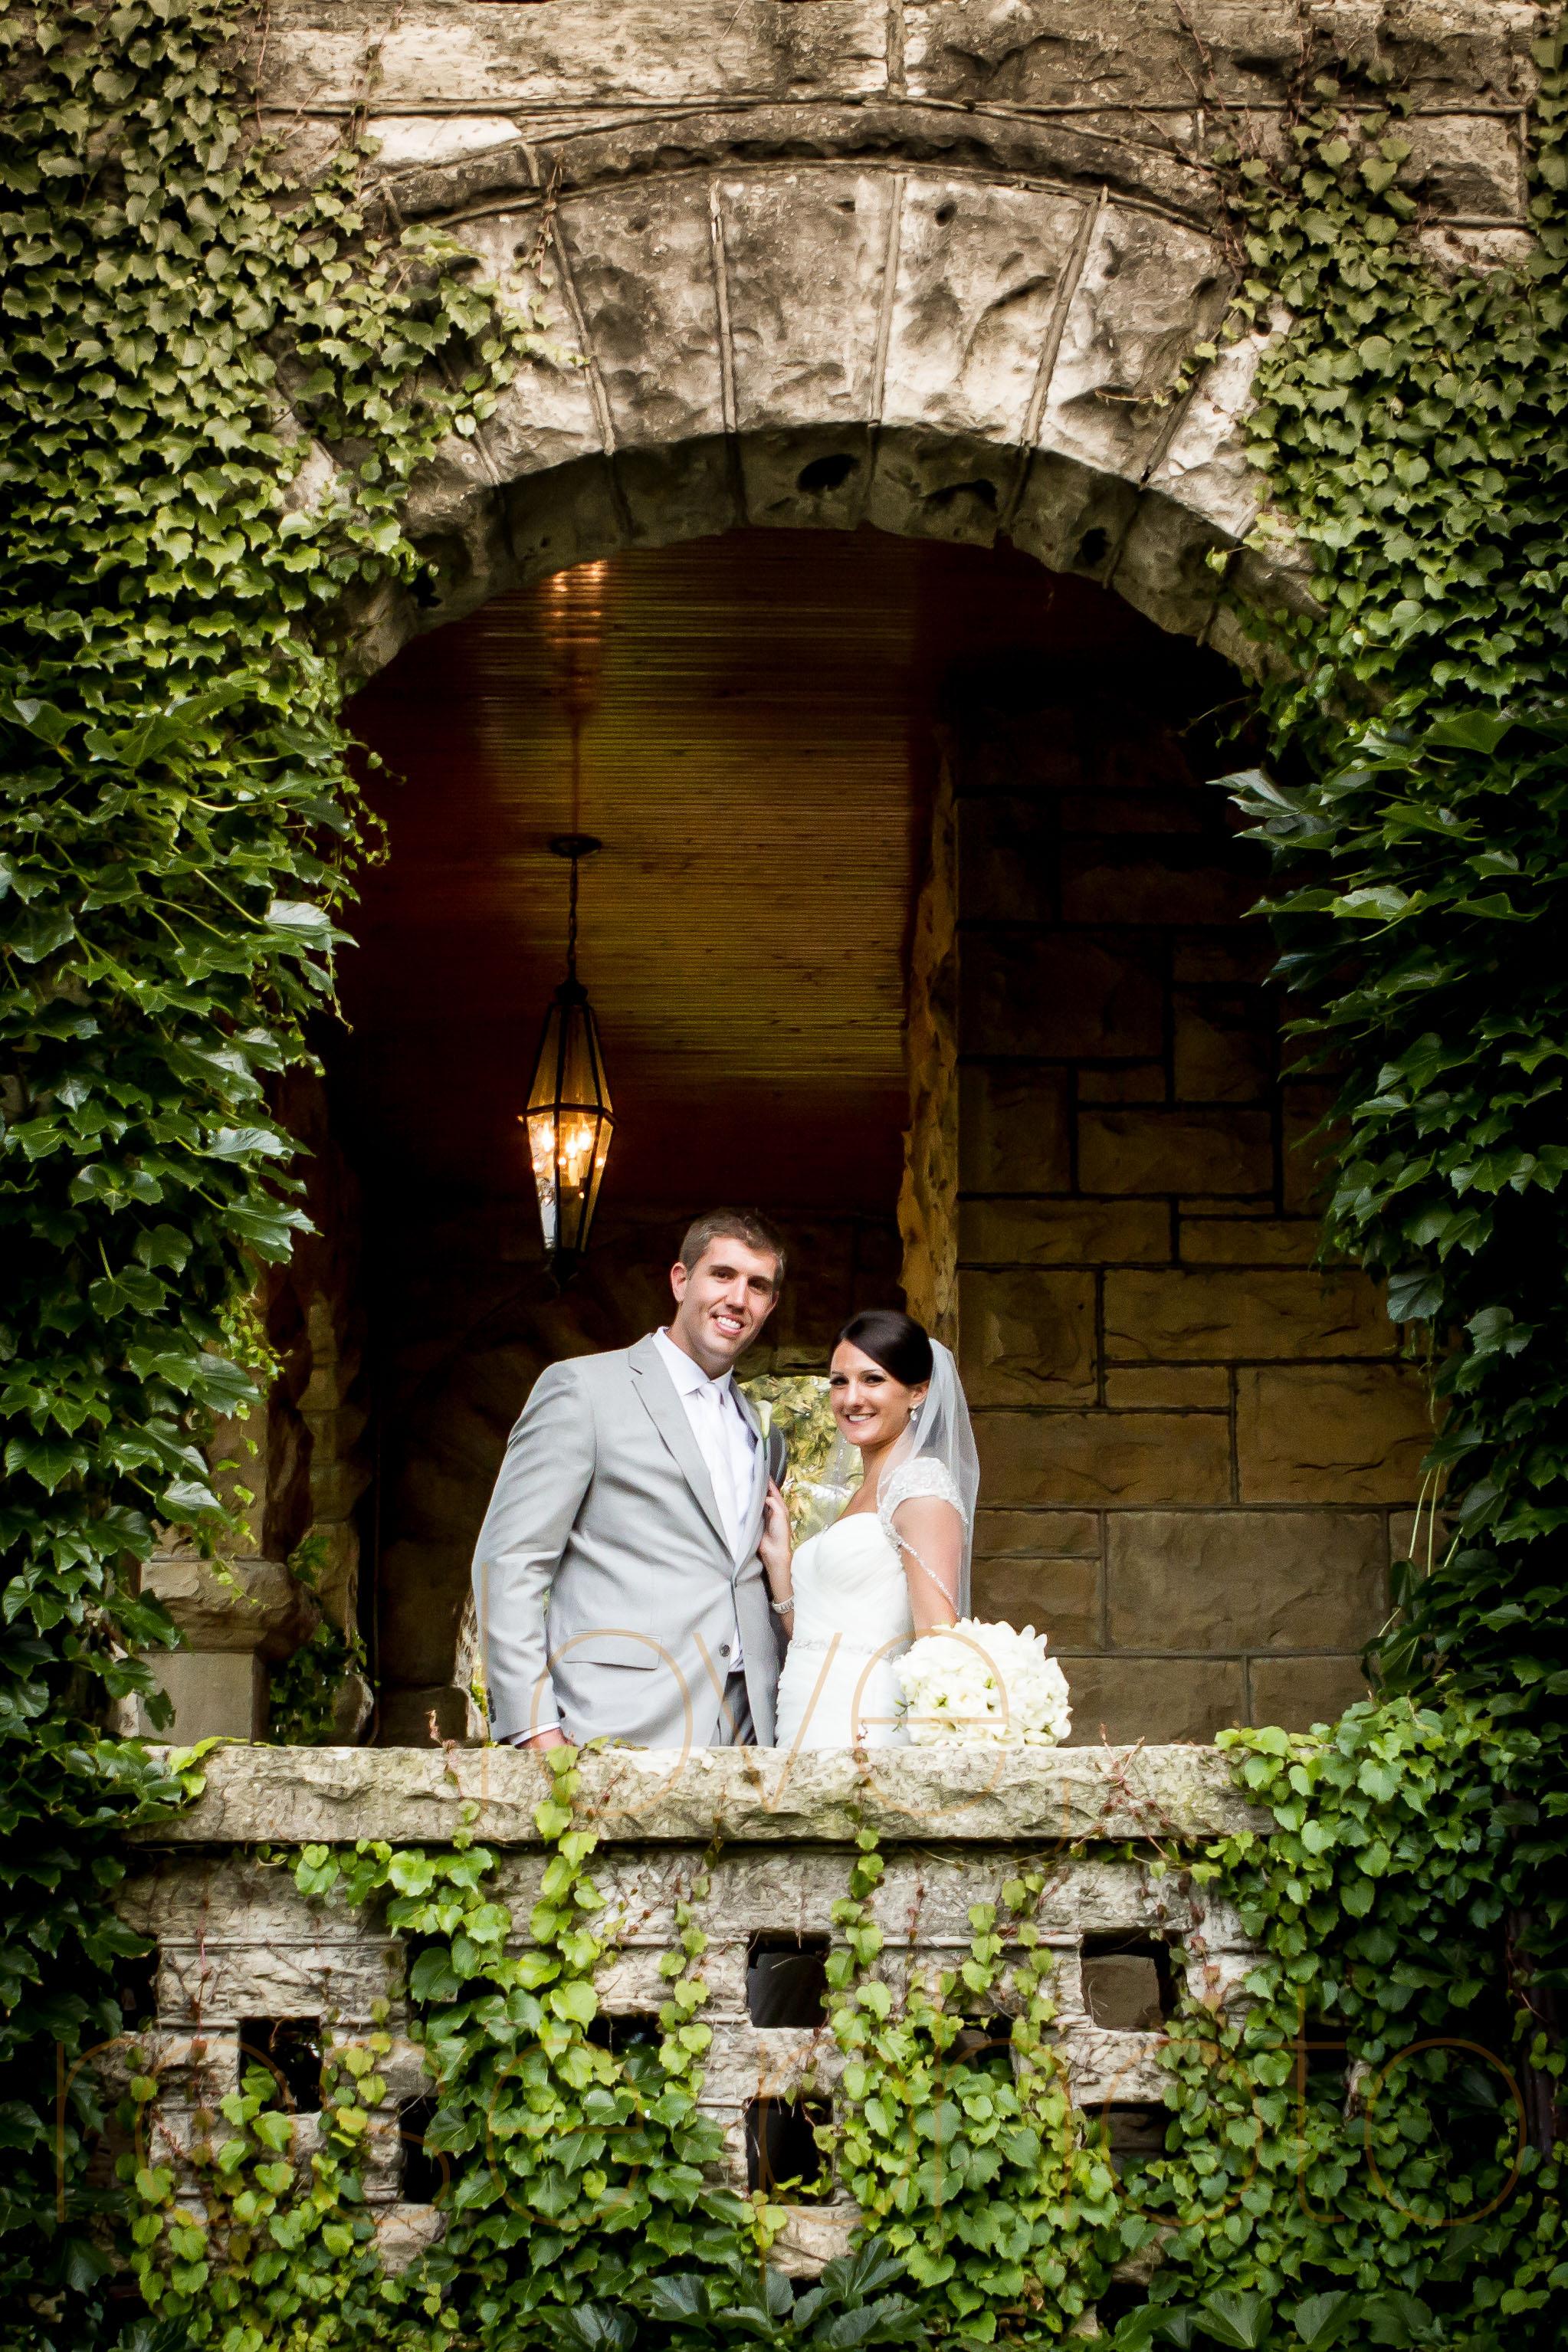 ellen + bryan chicago wedding joliet james healy mansion portrait lifestyle photojournalist photographer -016.jpg